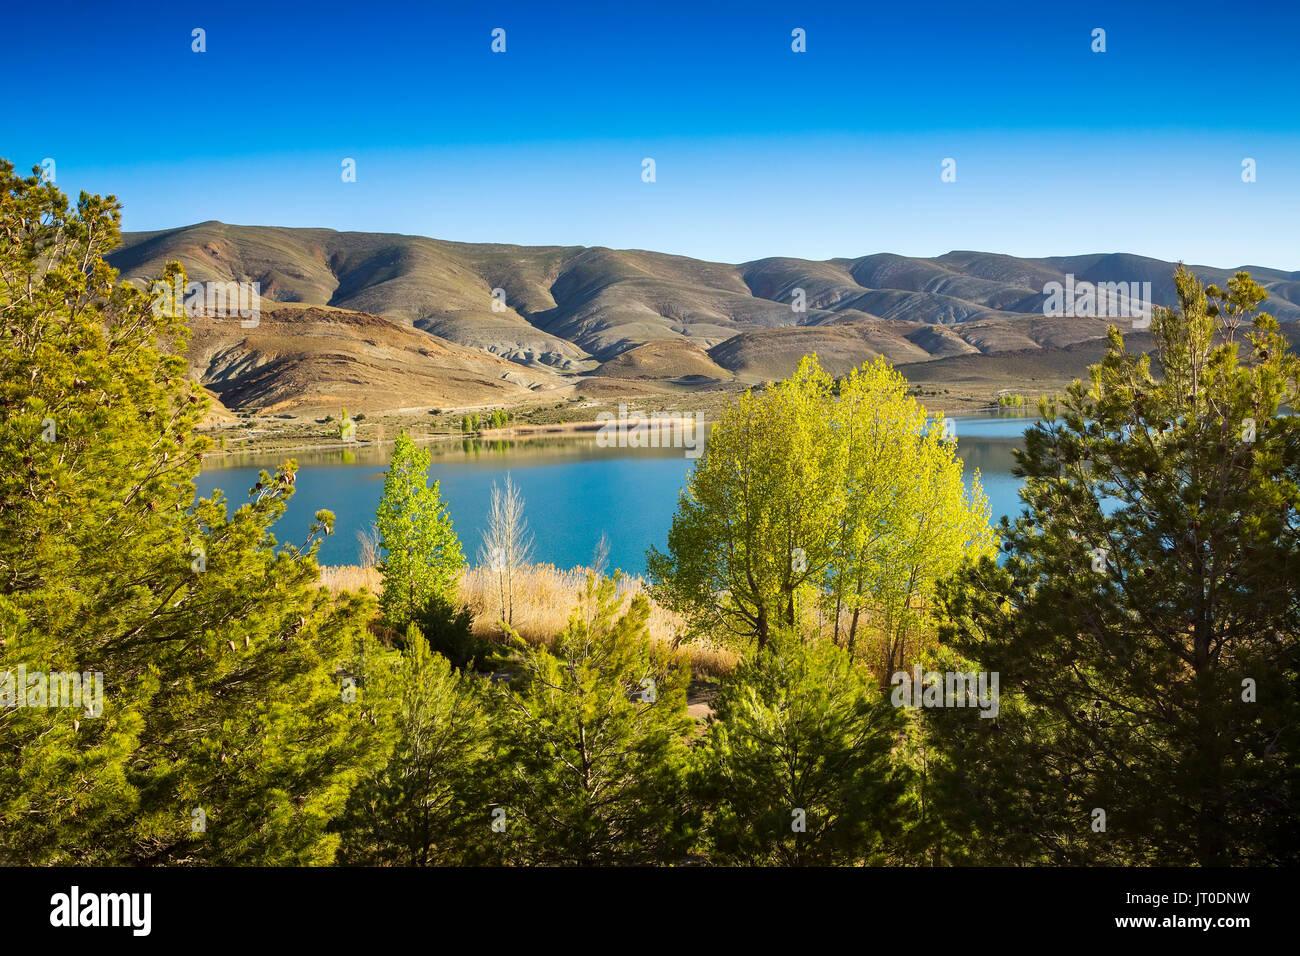 Lac d'eau bleu et de la végétation. Haut Atlas. Le Maroc, Maghreb, Afrique du Nord Photo Stock